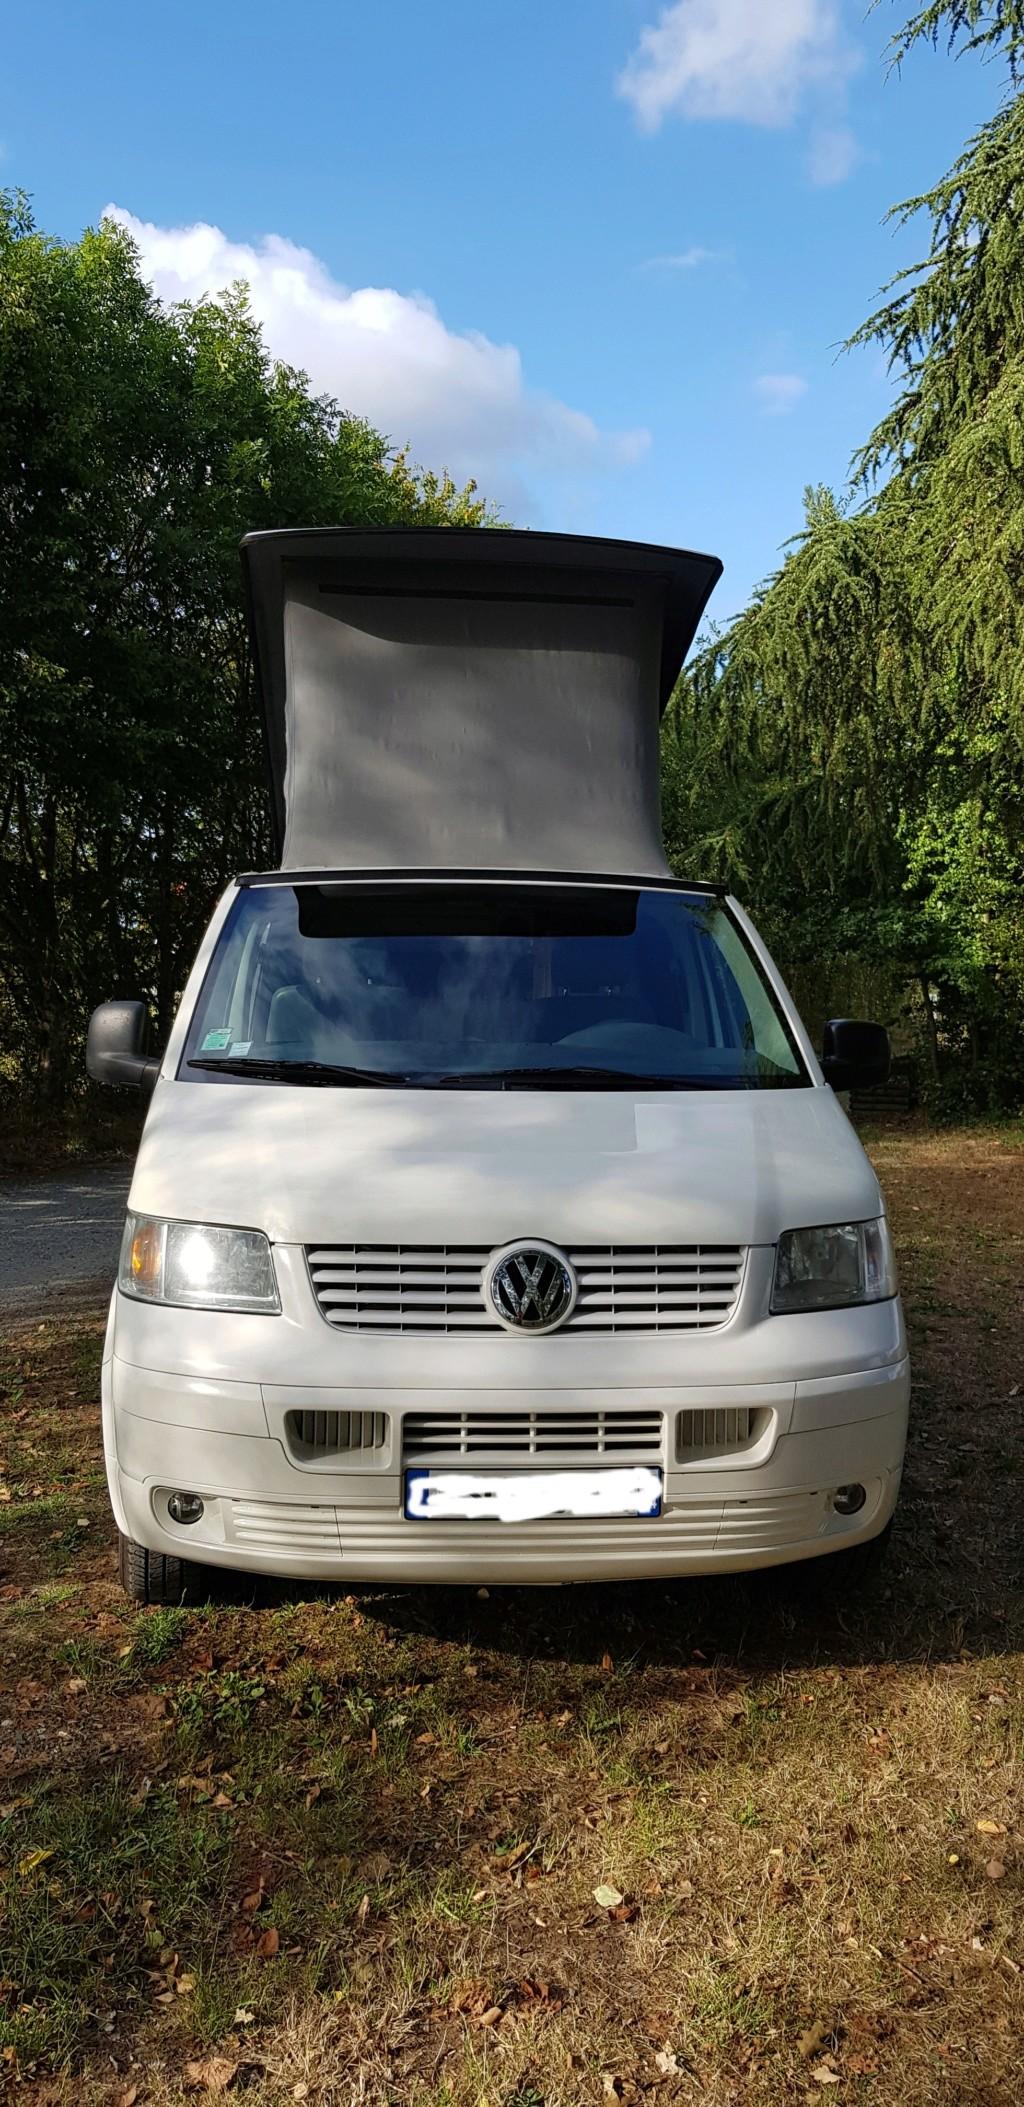 Van VW T5 camper DIPA style california 20190815